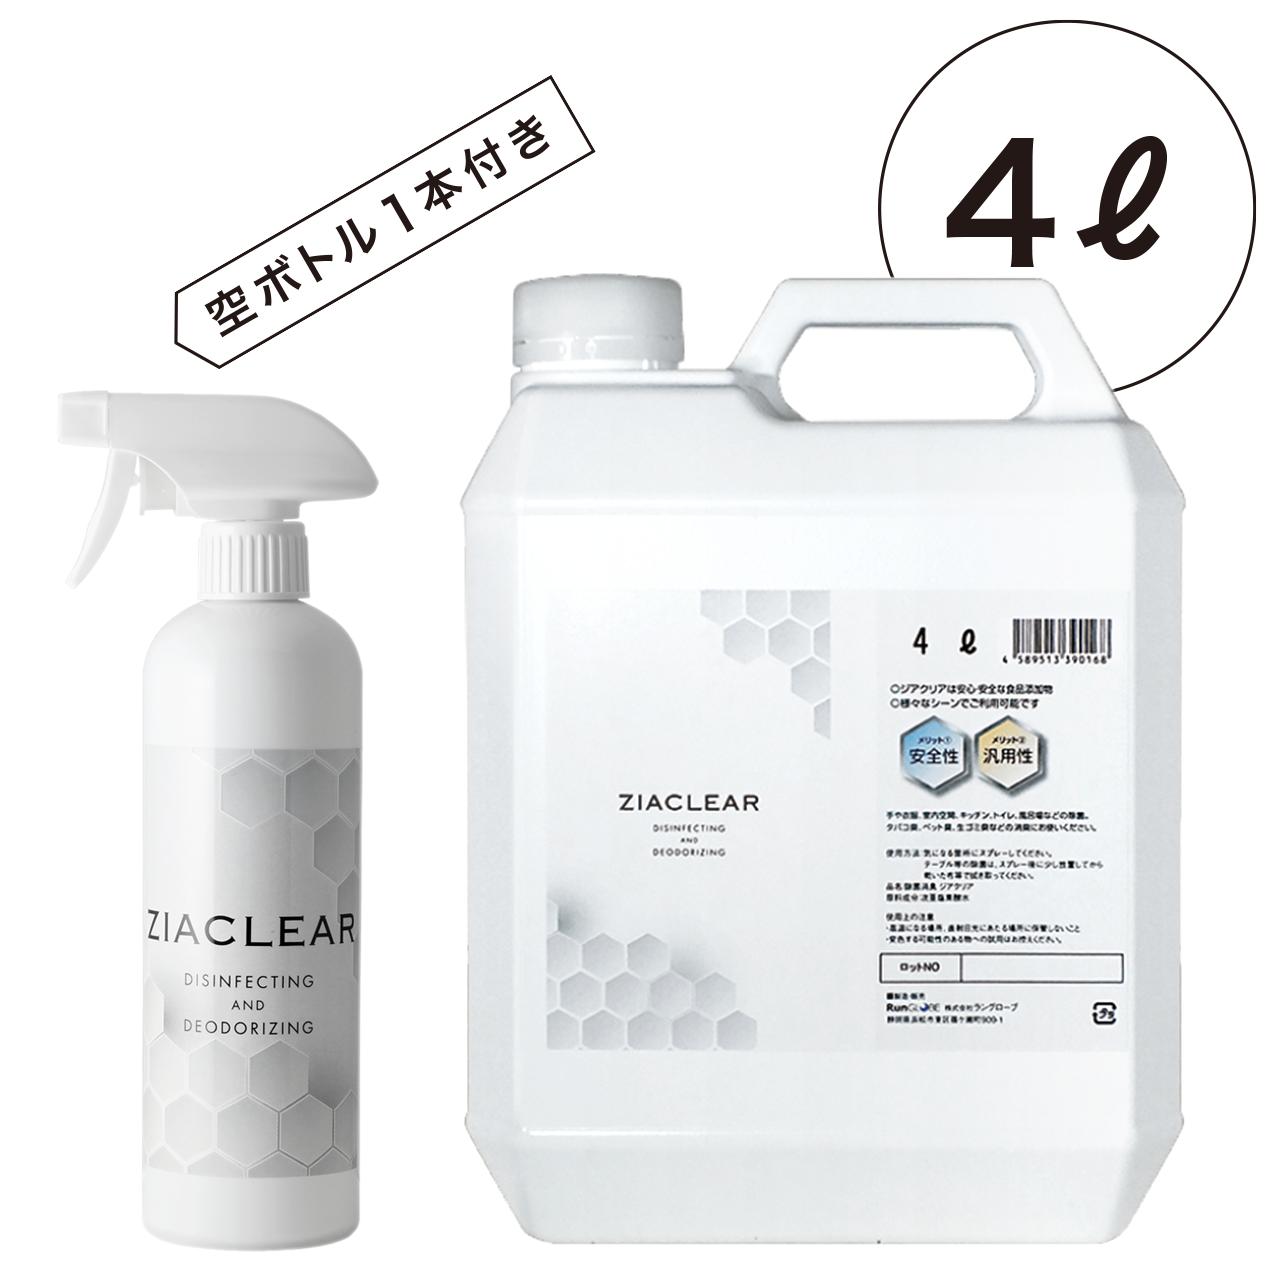 次亜塩素酸水 除菌 消臭「ジアクリア」タンクボトル 4L